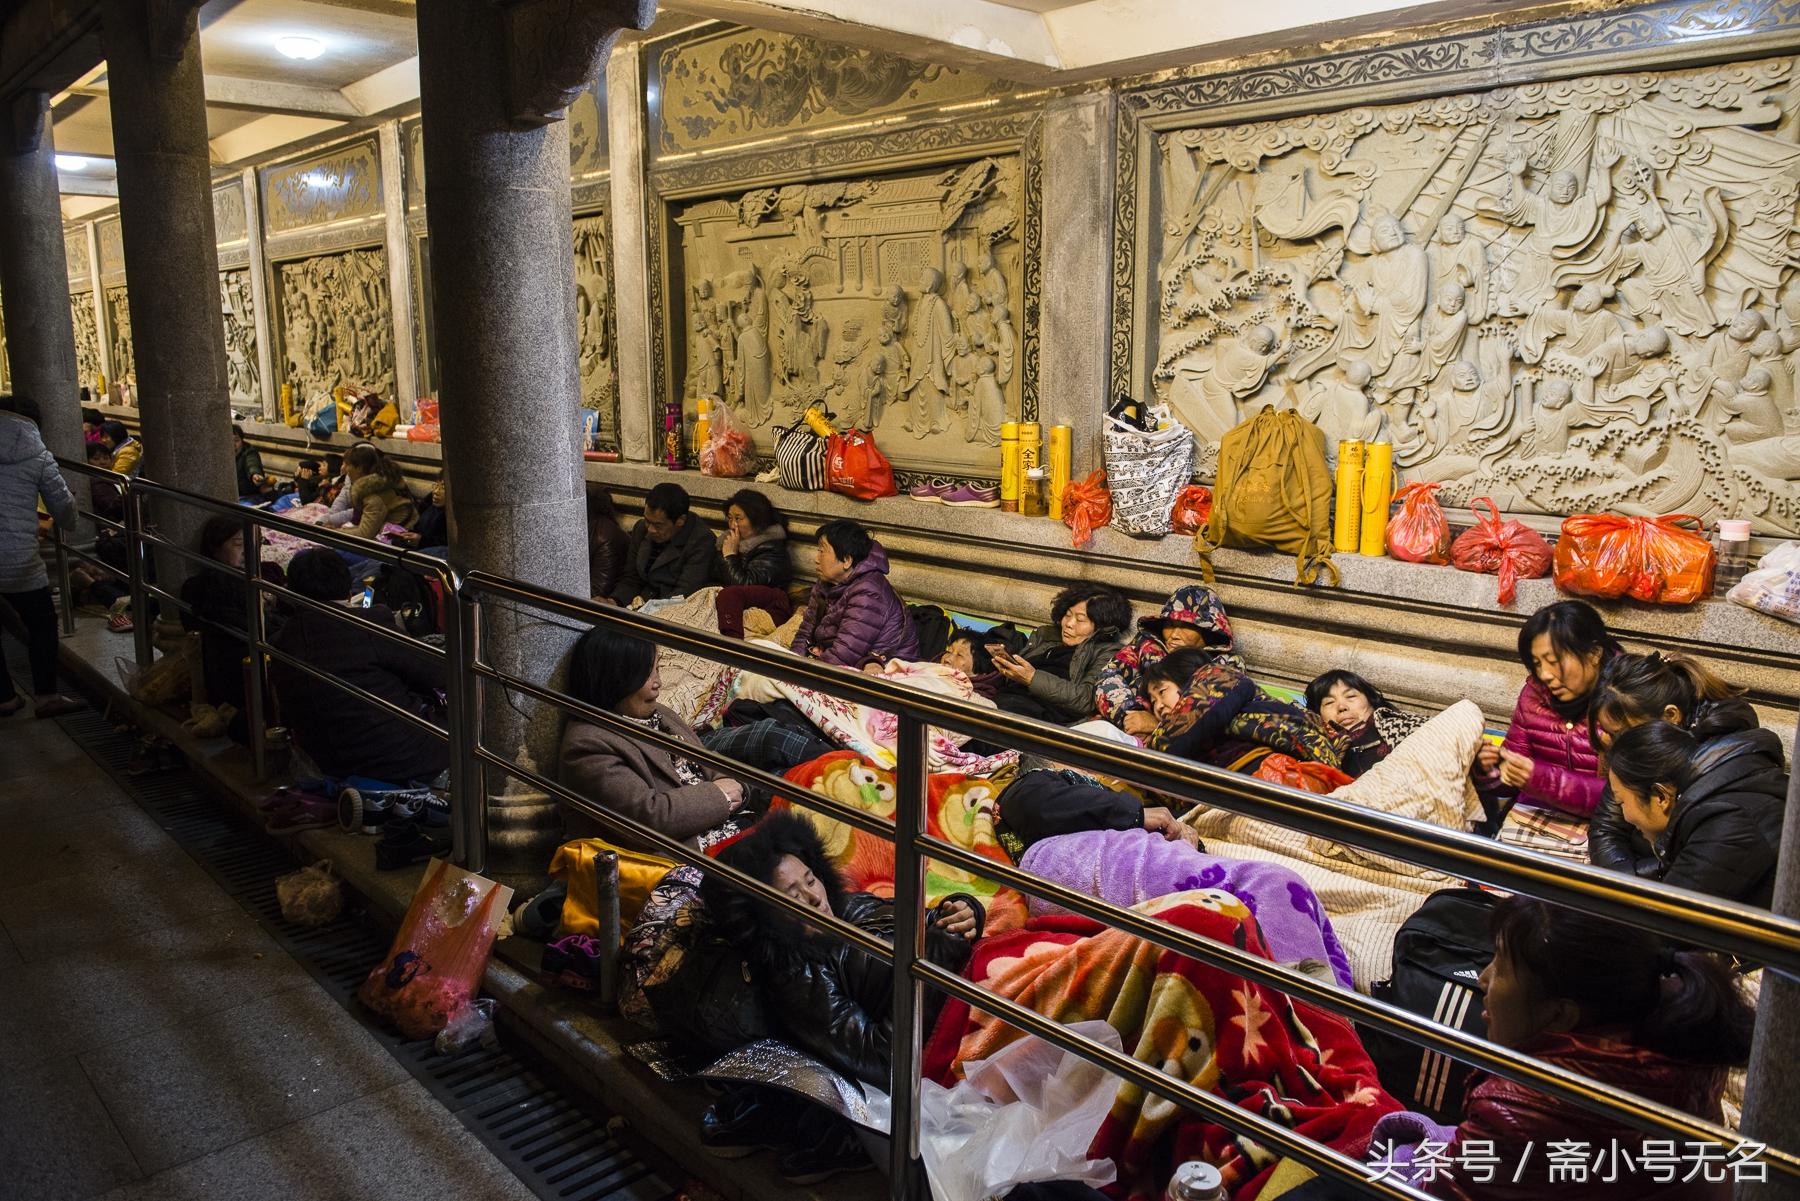 观音菩萨生日,普陀山人满为患,平时80元的房卖到1800元!